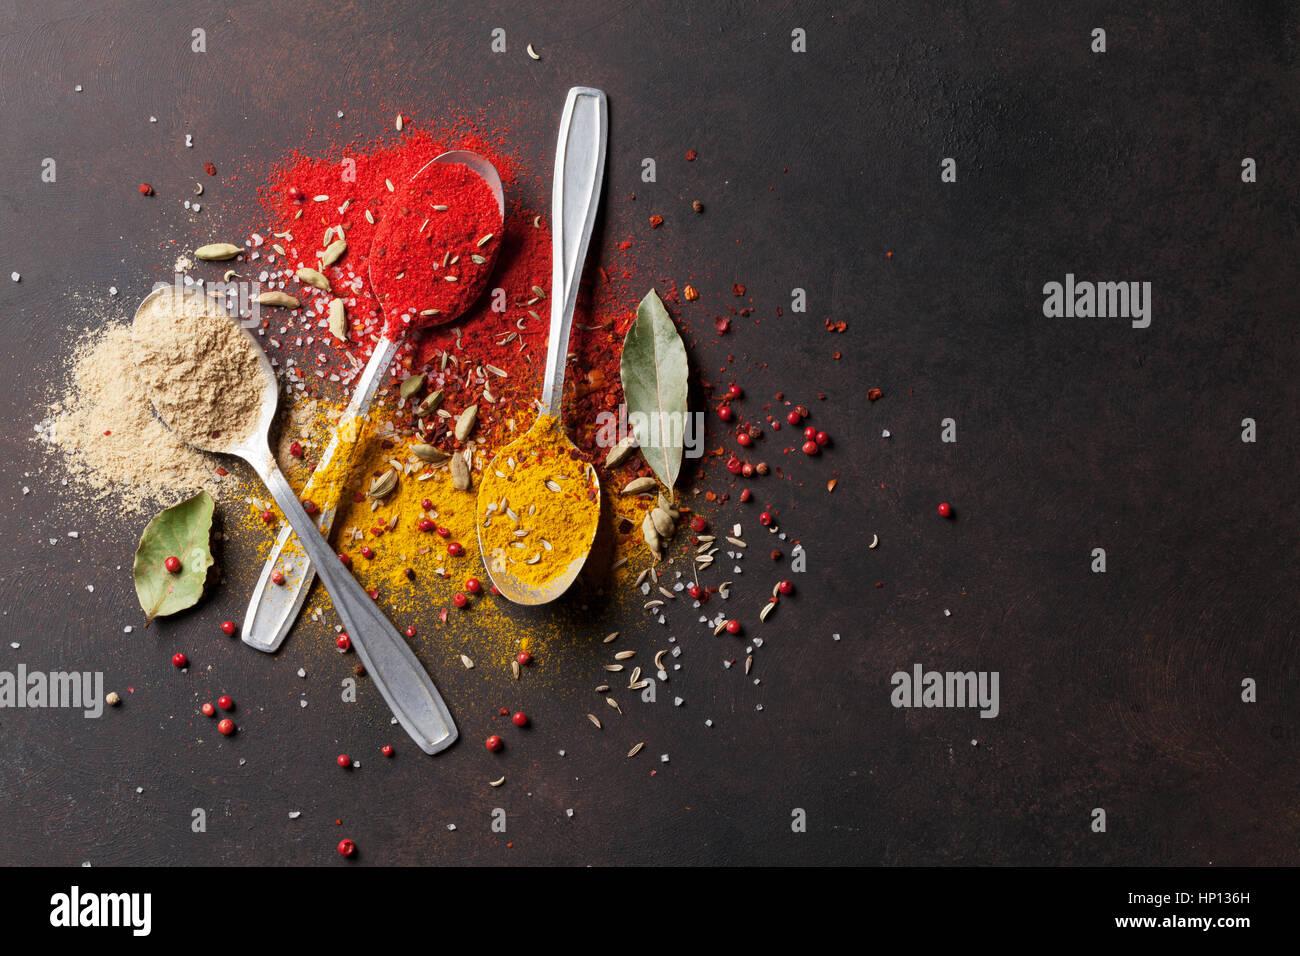 Diversas especias cucharas sobre la mesa de piedra. Vista superior con espacio de copia Imagen De Stock